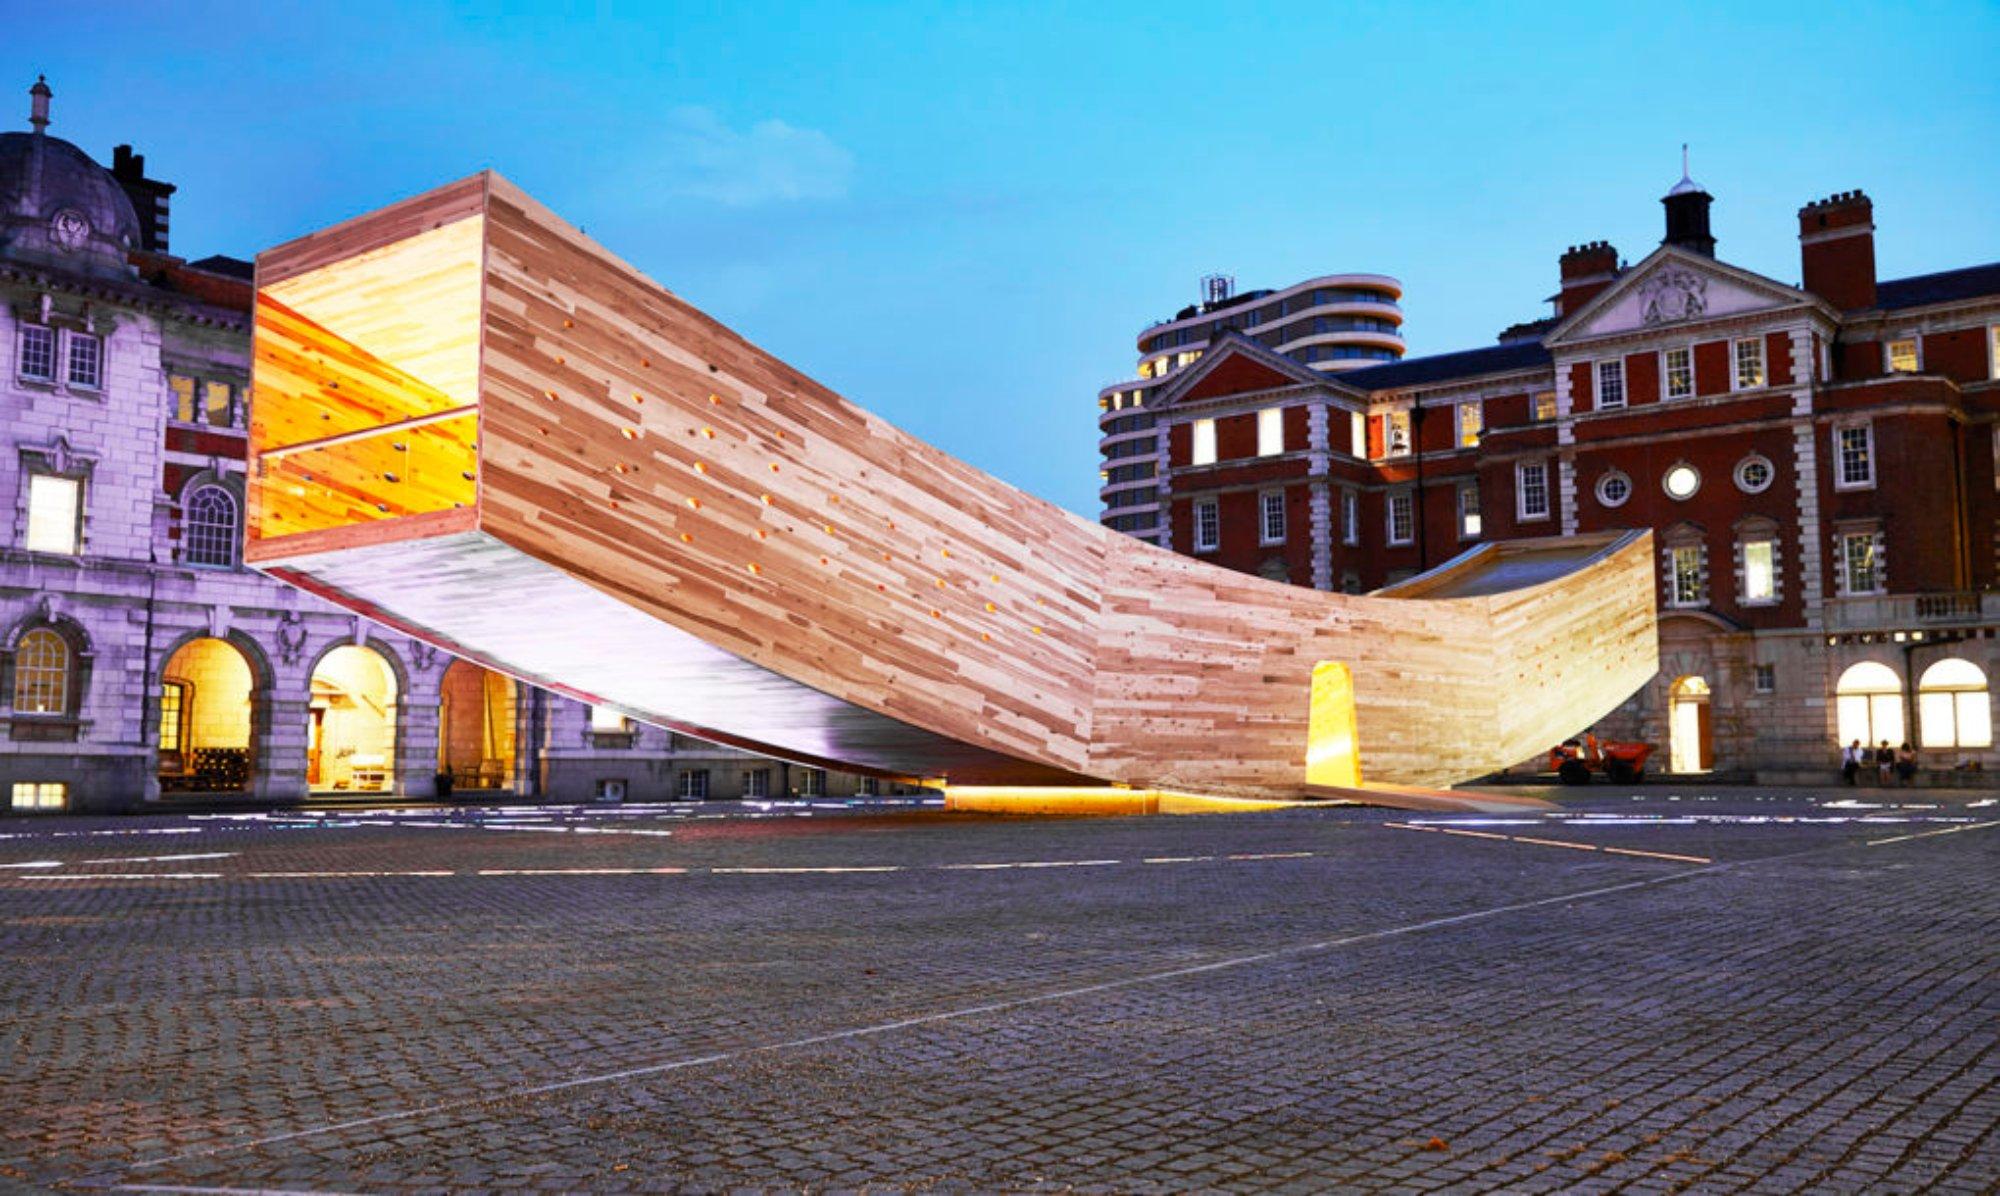 London Design Festival london design festival London Design Festival September 2017 AAEAAQAAAAAAAAefAAAAJDZmYzcwMTE5LTMxNjYtNDdkMi05Mjk5LTVhYmNiNDcwYjk0Nw